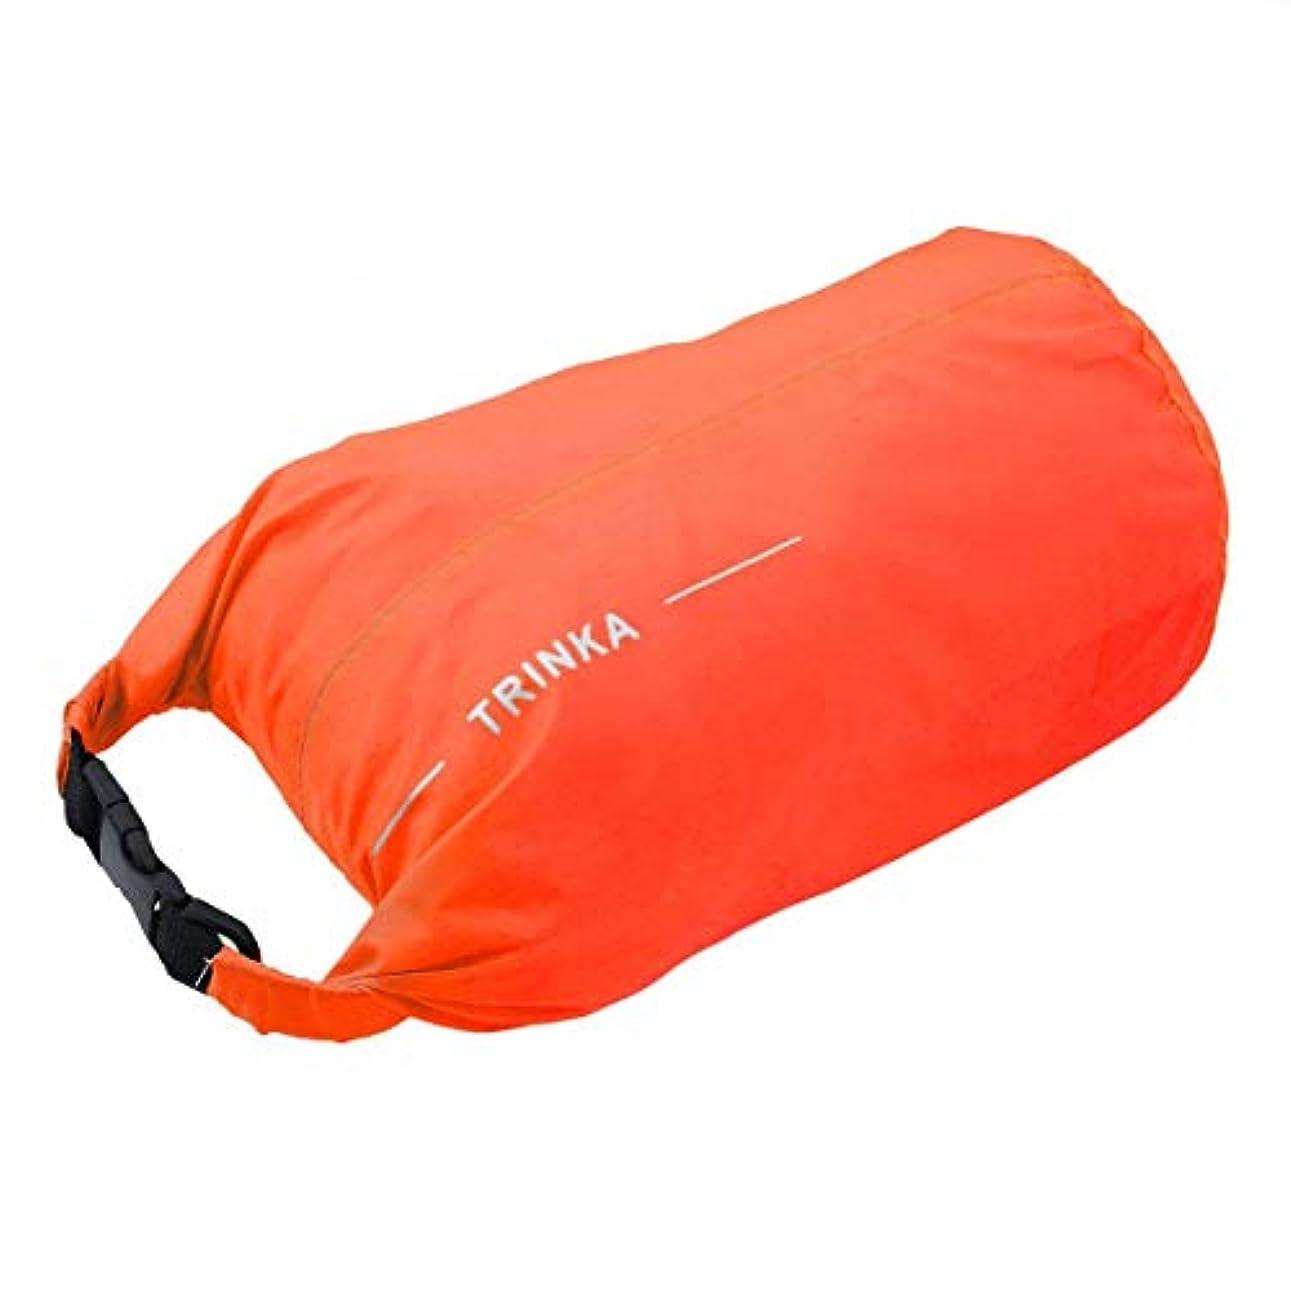 魔術経由でバンガローBlackfell ポータブル8 L 40 L 70 L防水ドライバッグ袋収納ポーチバッグ